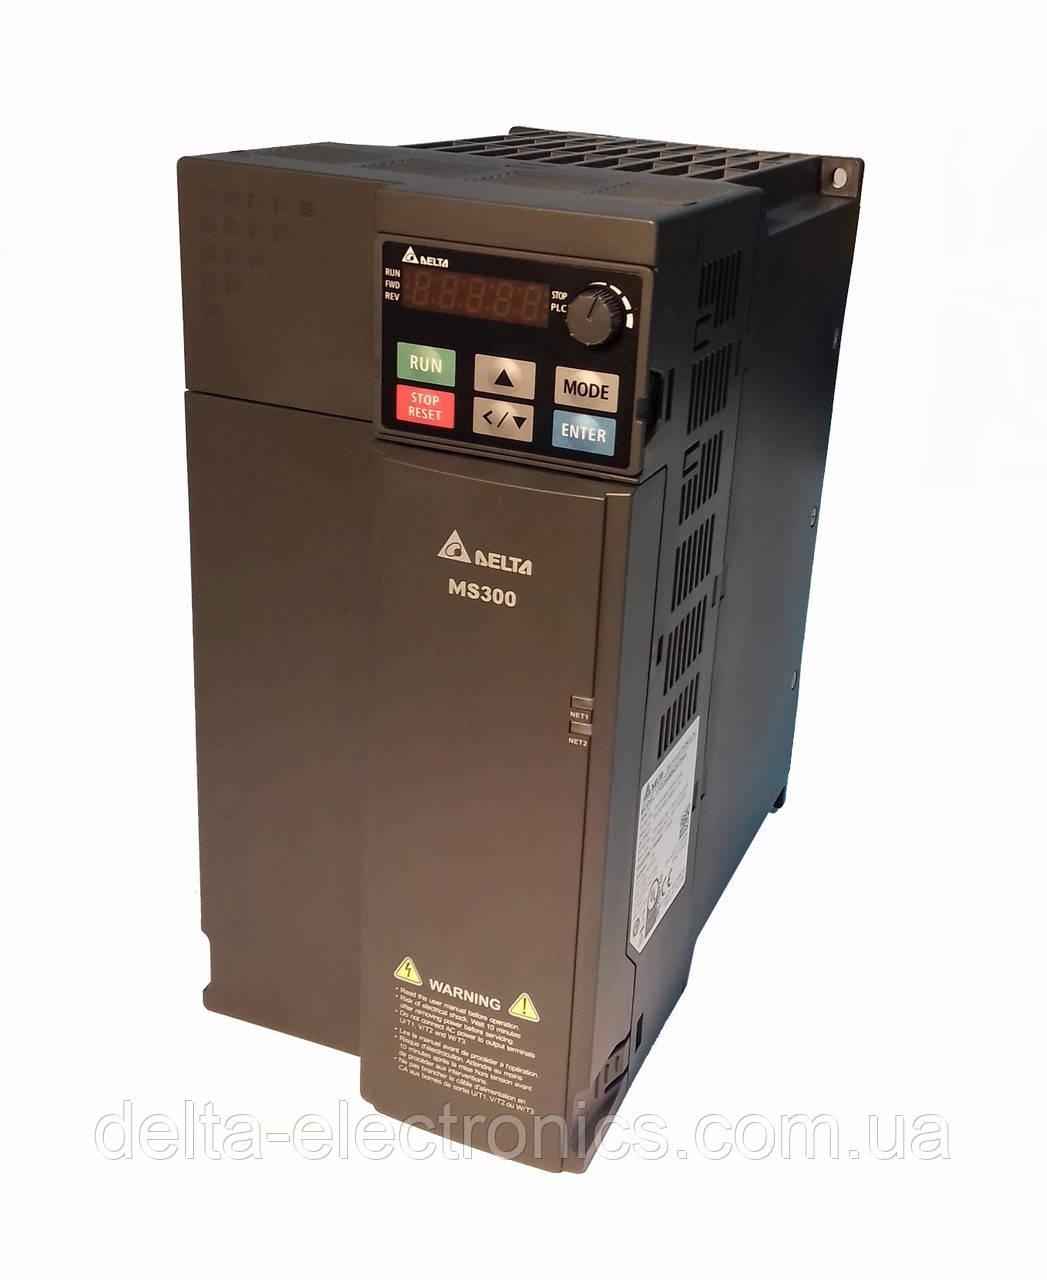 Преобразователь частоты MS300, 3x380В, 18,5 кВт, 38/41,5А, ЭМС С2 фильтр, векторный, c ПЛК, VFD38AMS43AFSAA